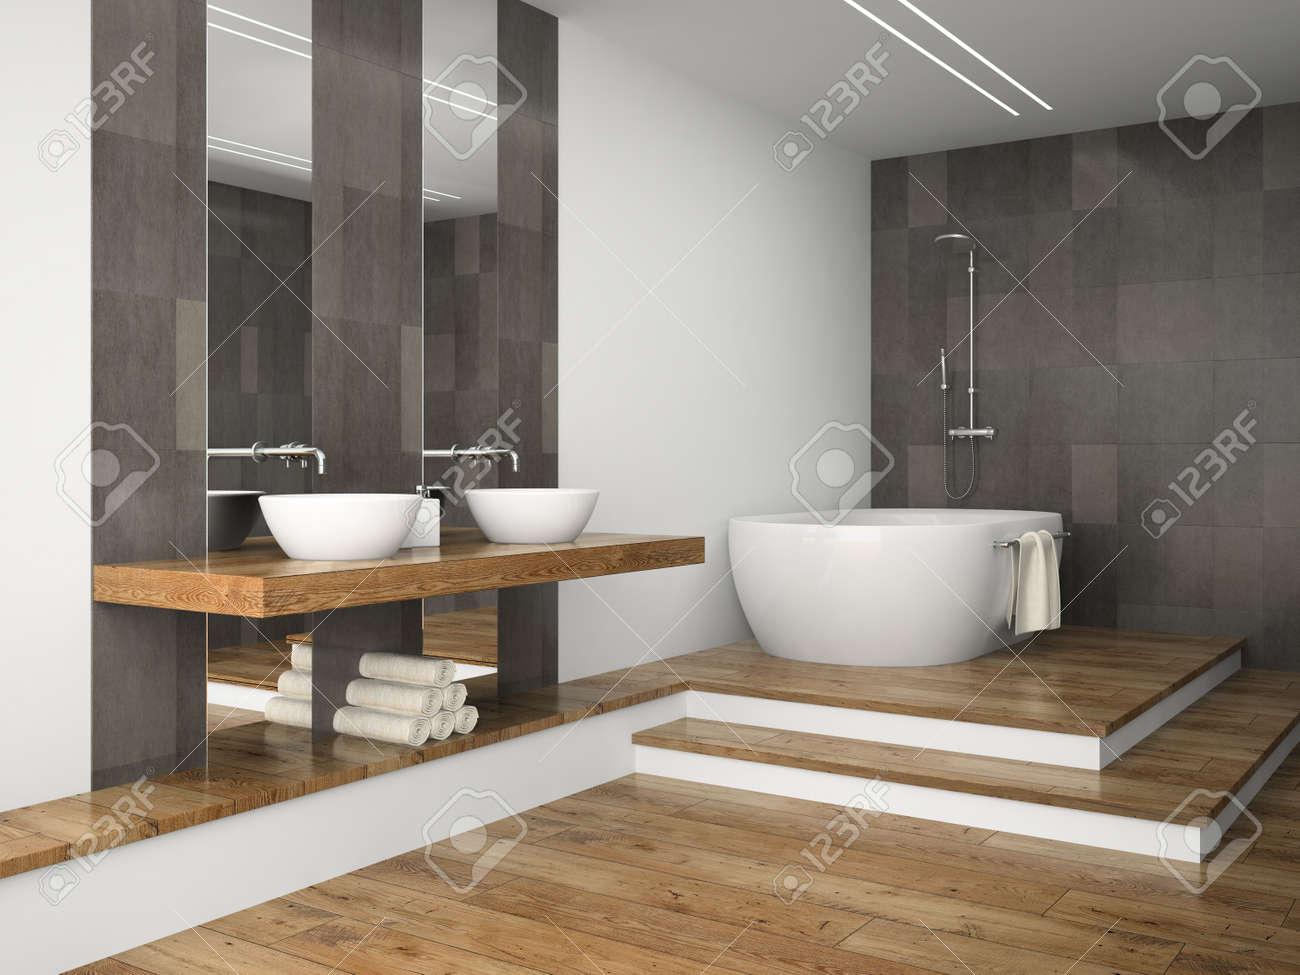 Salle De Bain Avec Bois intérieur de salle de bain avec plancher en bois rendu 3d